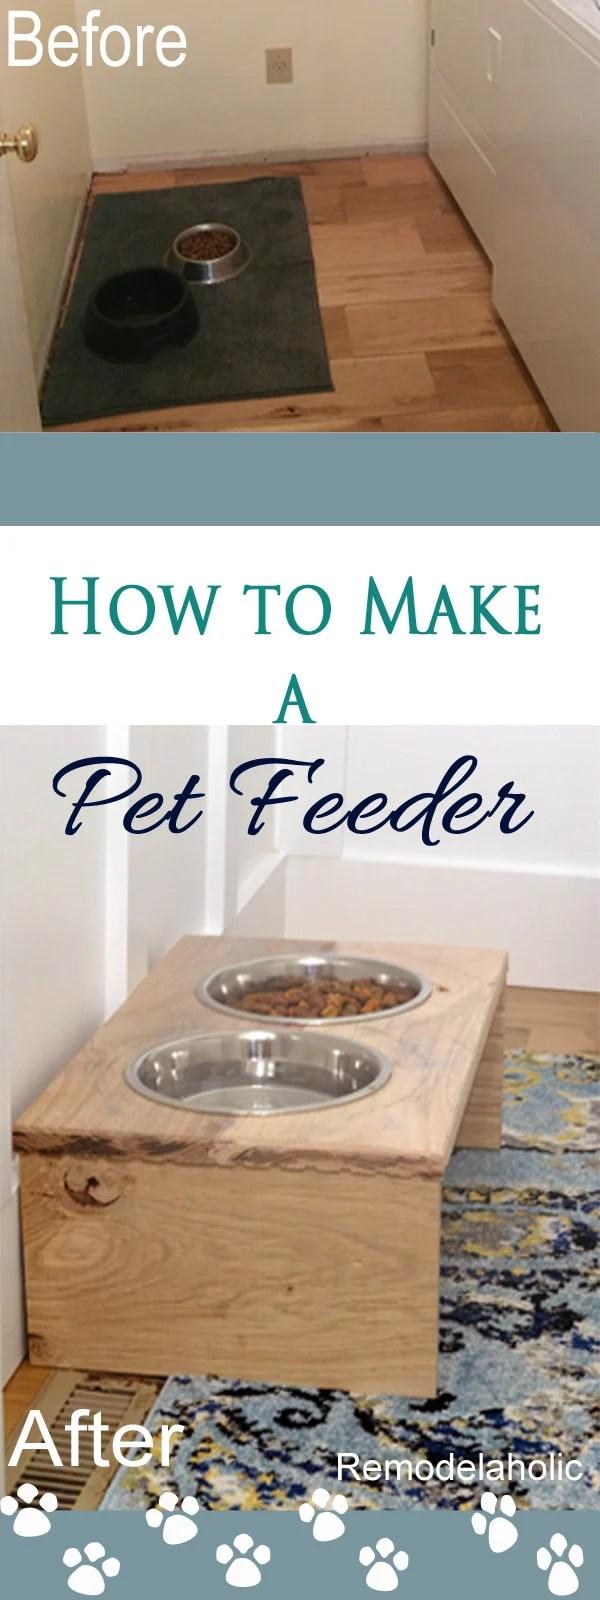 How to Make a DIY Pet Feeder